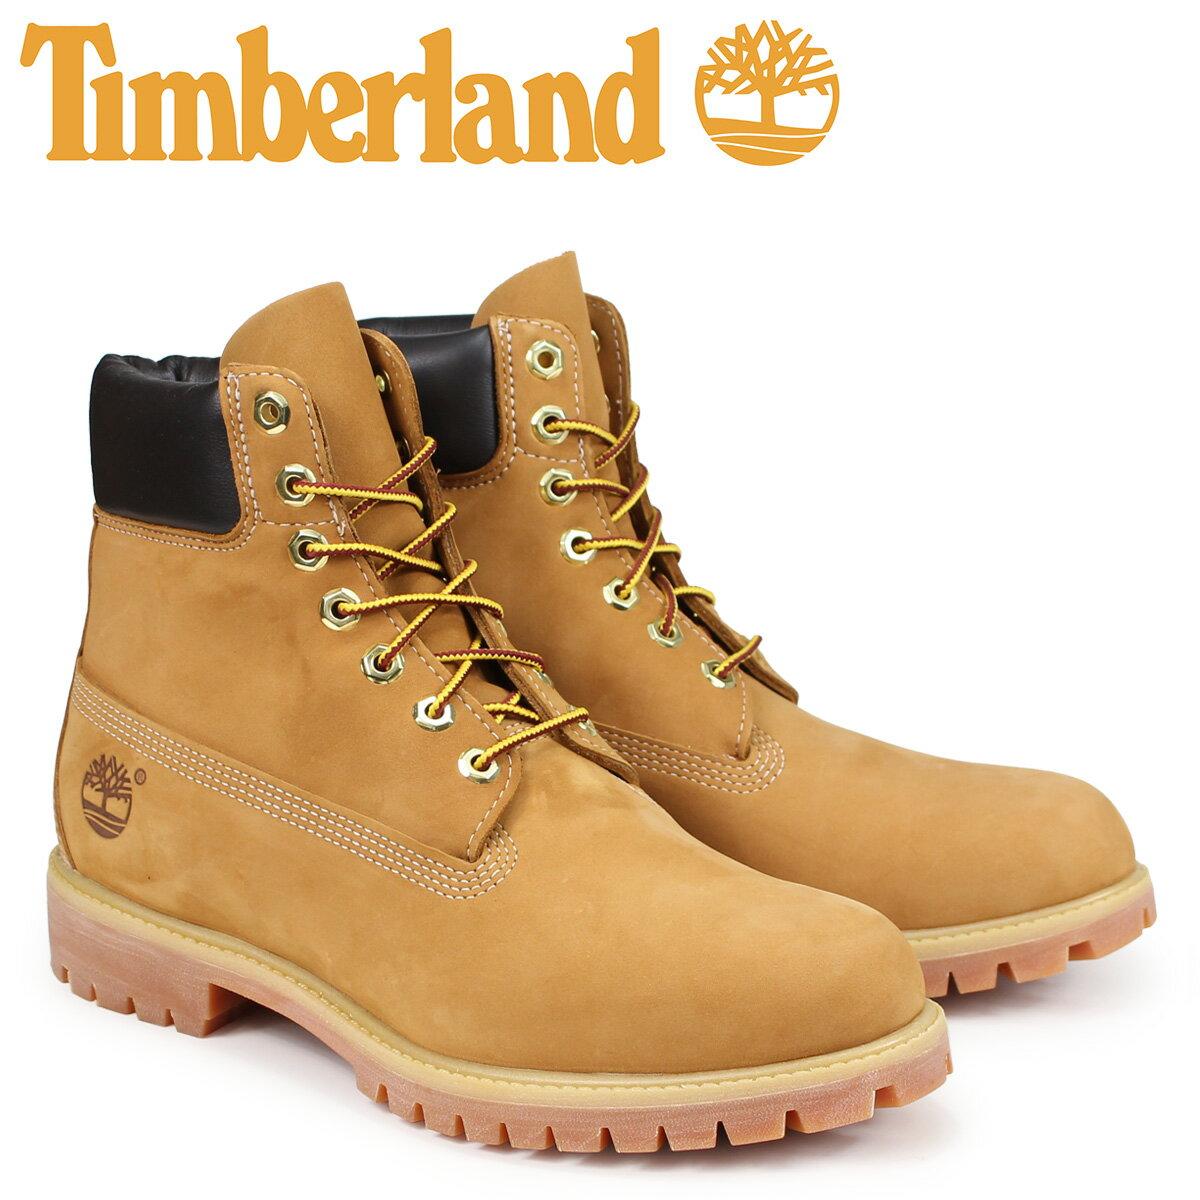 ティンバーランド ブーツ メンズ 6インチ Timberland MENS 6-INCH PREMIUM WATERPROOF BOOTS 10061